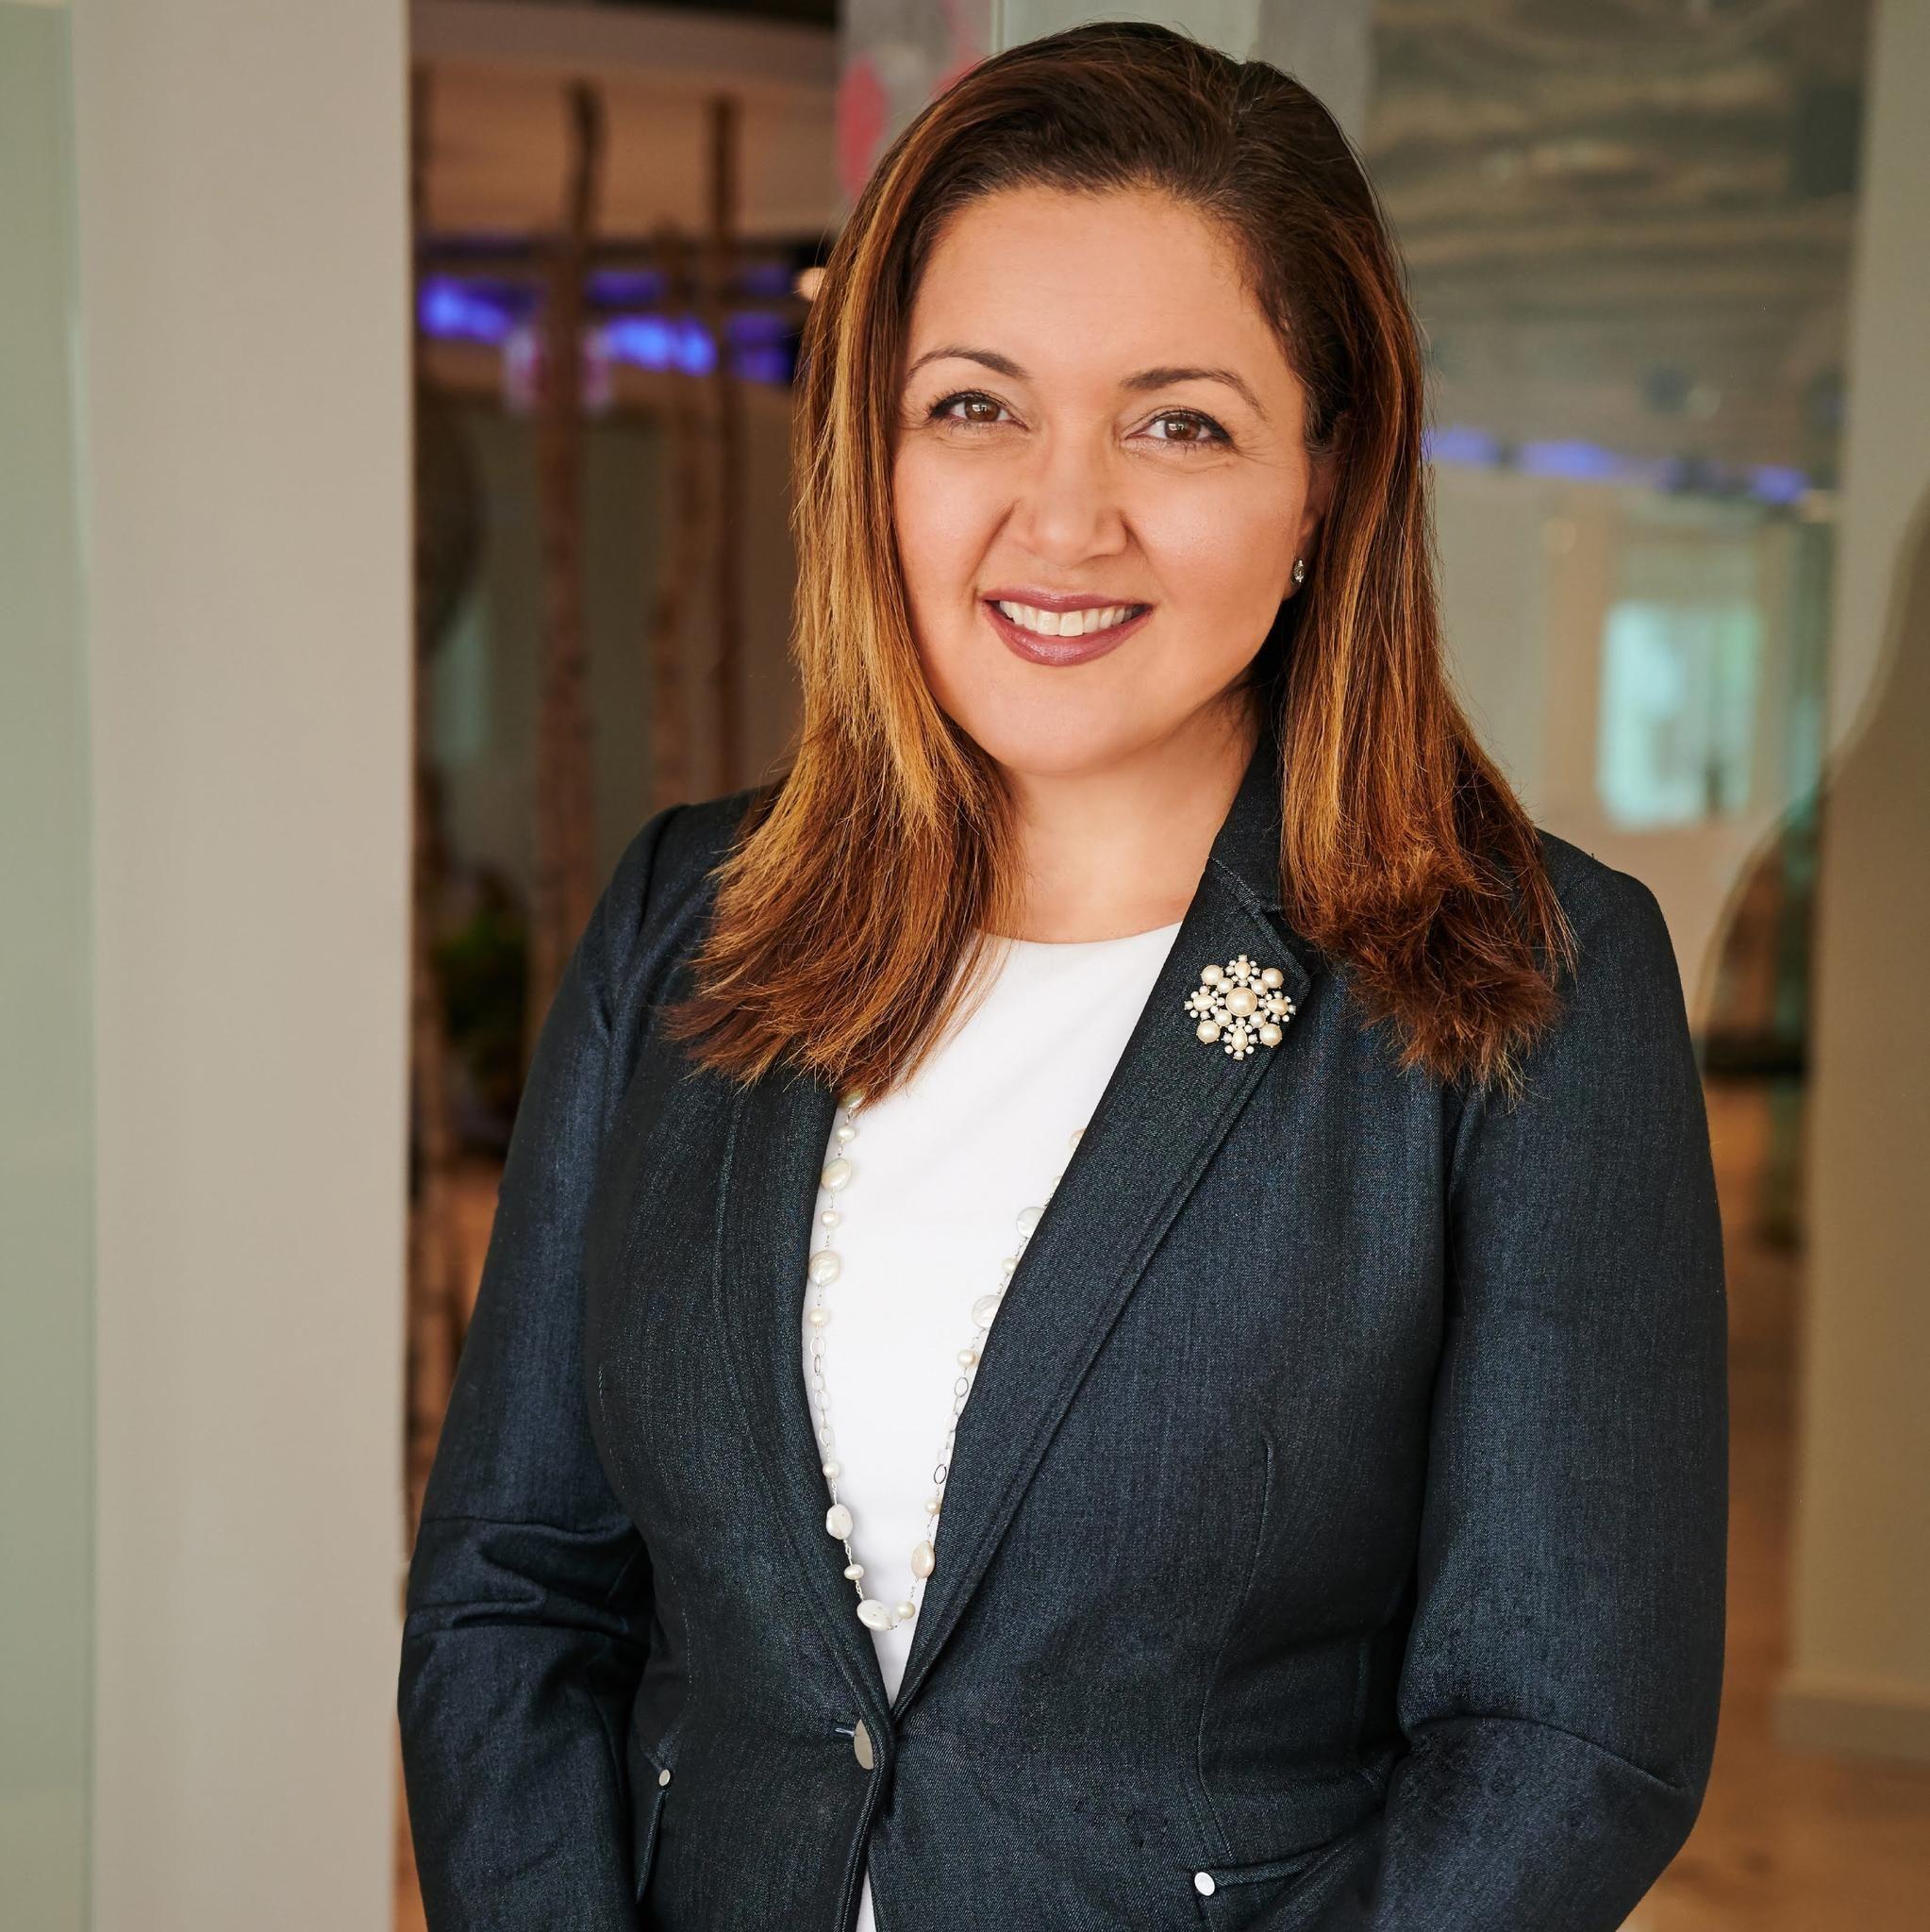 Dr. Sarah Haynes